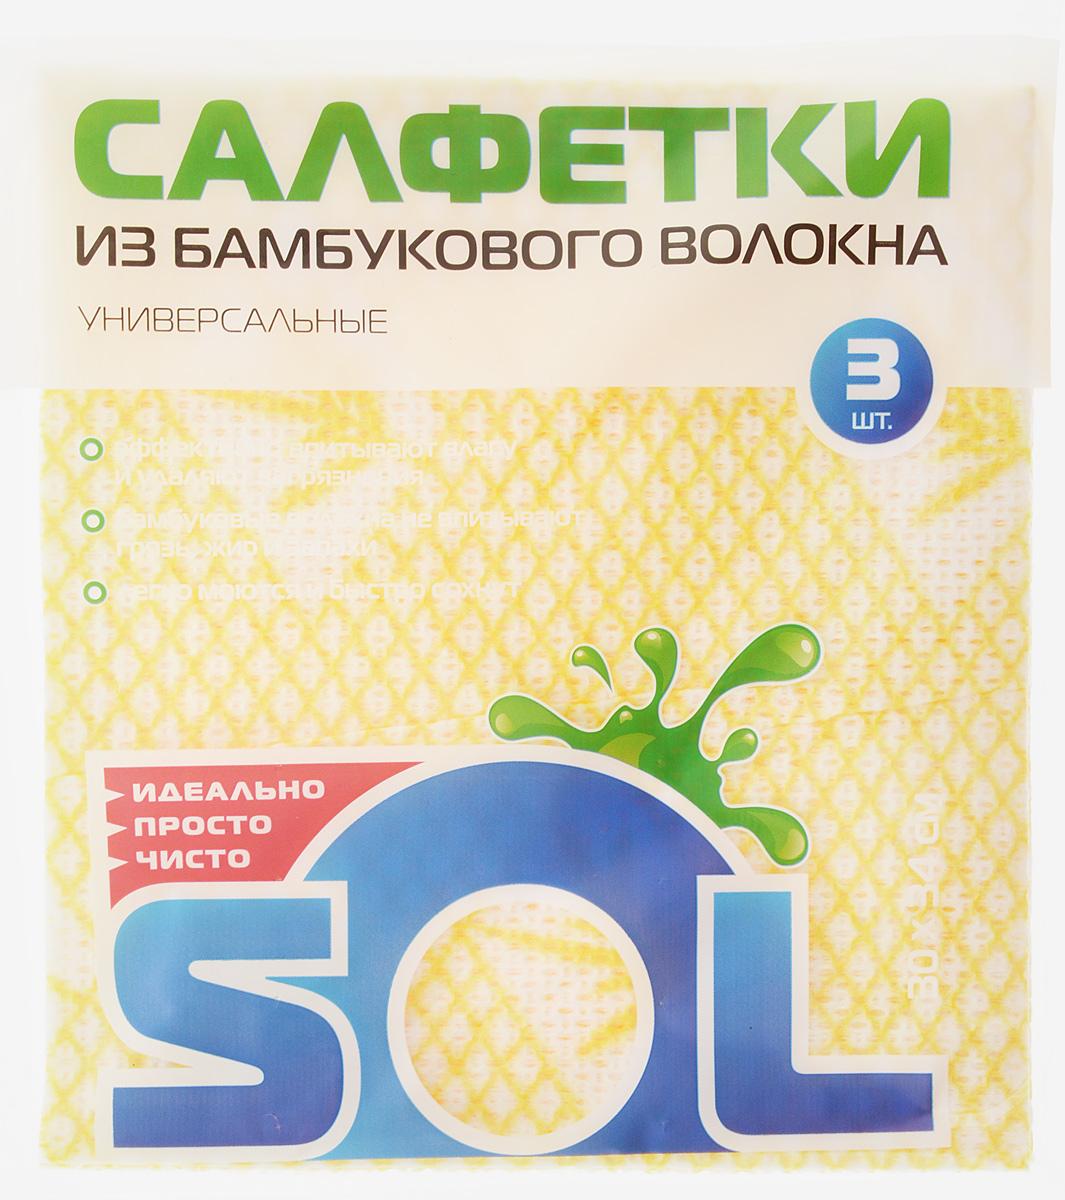 Салфетка для уборки Sol, из бамбукового волокна, цвет: желтый, 30 x 34 см, 3 шт10001/70007_жёлтыйСалфетки Sol, выполненные из бамбукового волокна, вискозы и полиэстера, предназначены для уборки. Бамбуковое волокно - экологичный и безопасный для здоровья человека материал, не содержащий в своем составе никаких химических добавок, синтетических материалов и примесей. Благодаря трубчатой структуре волокон, жир и грязь не впитываются в ткань, легко вымываются под струей водой.Рекомендации по уходу:Бамбуковые салфетки не требуют особого ухода. После каждого использования их рекомендуется промыть под струей воды и просушить. Не рекомендуется сушить салфетки на батарее.Размер салфетки: 30 х 34 см.